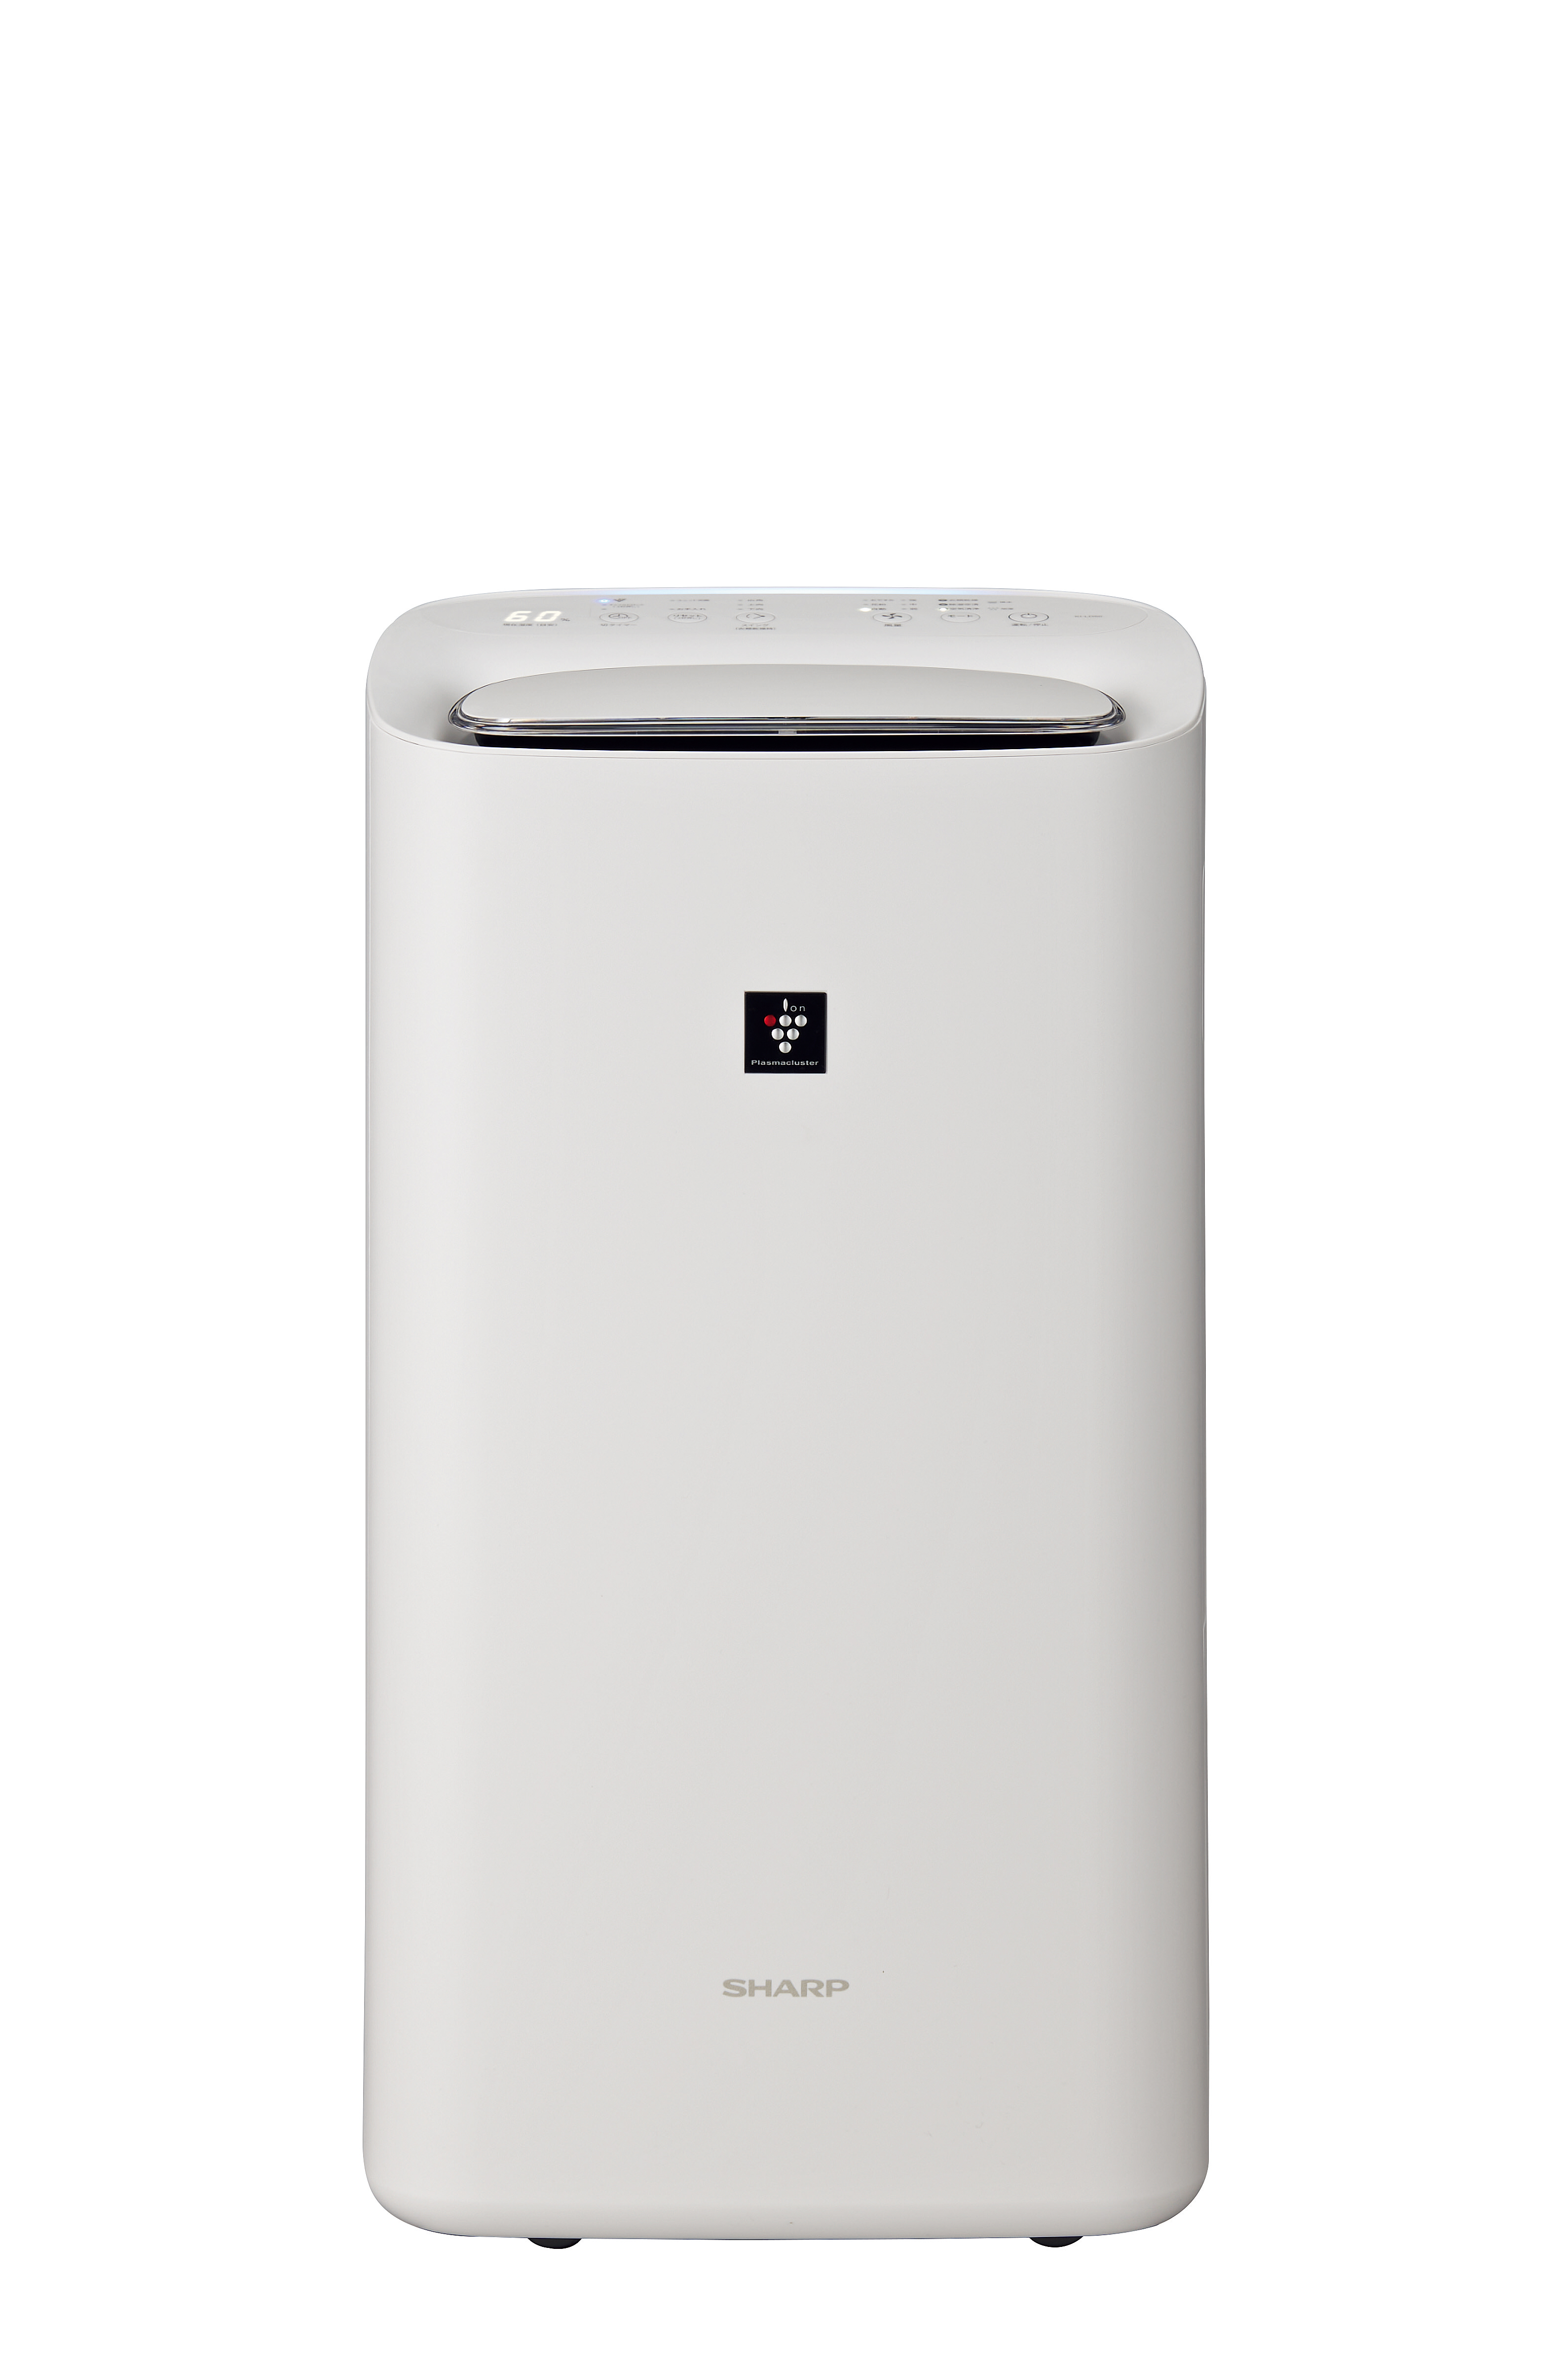 シャープ プラズマクラスター25000除加湿空気清浄機 KI-ND50-W